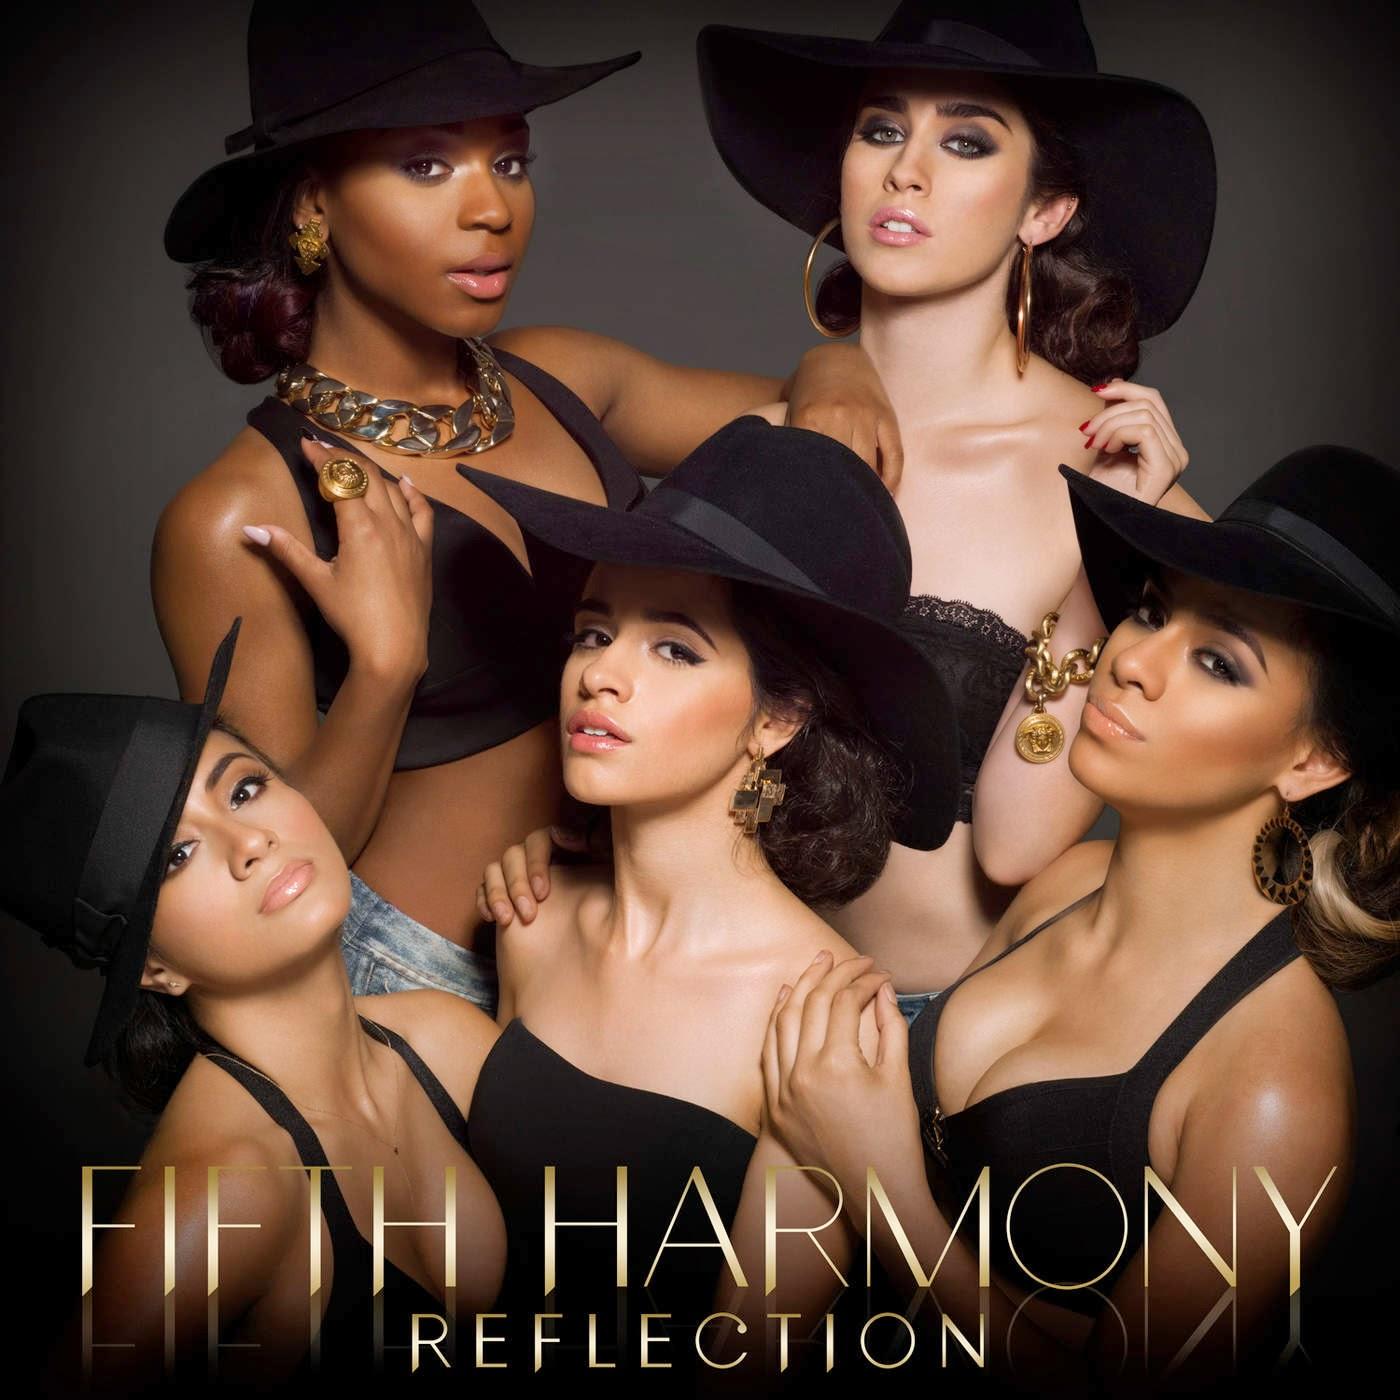 Fifth-Harmony-Reflection.jpg